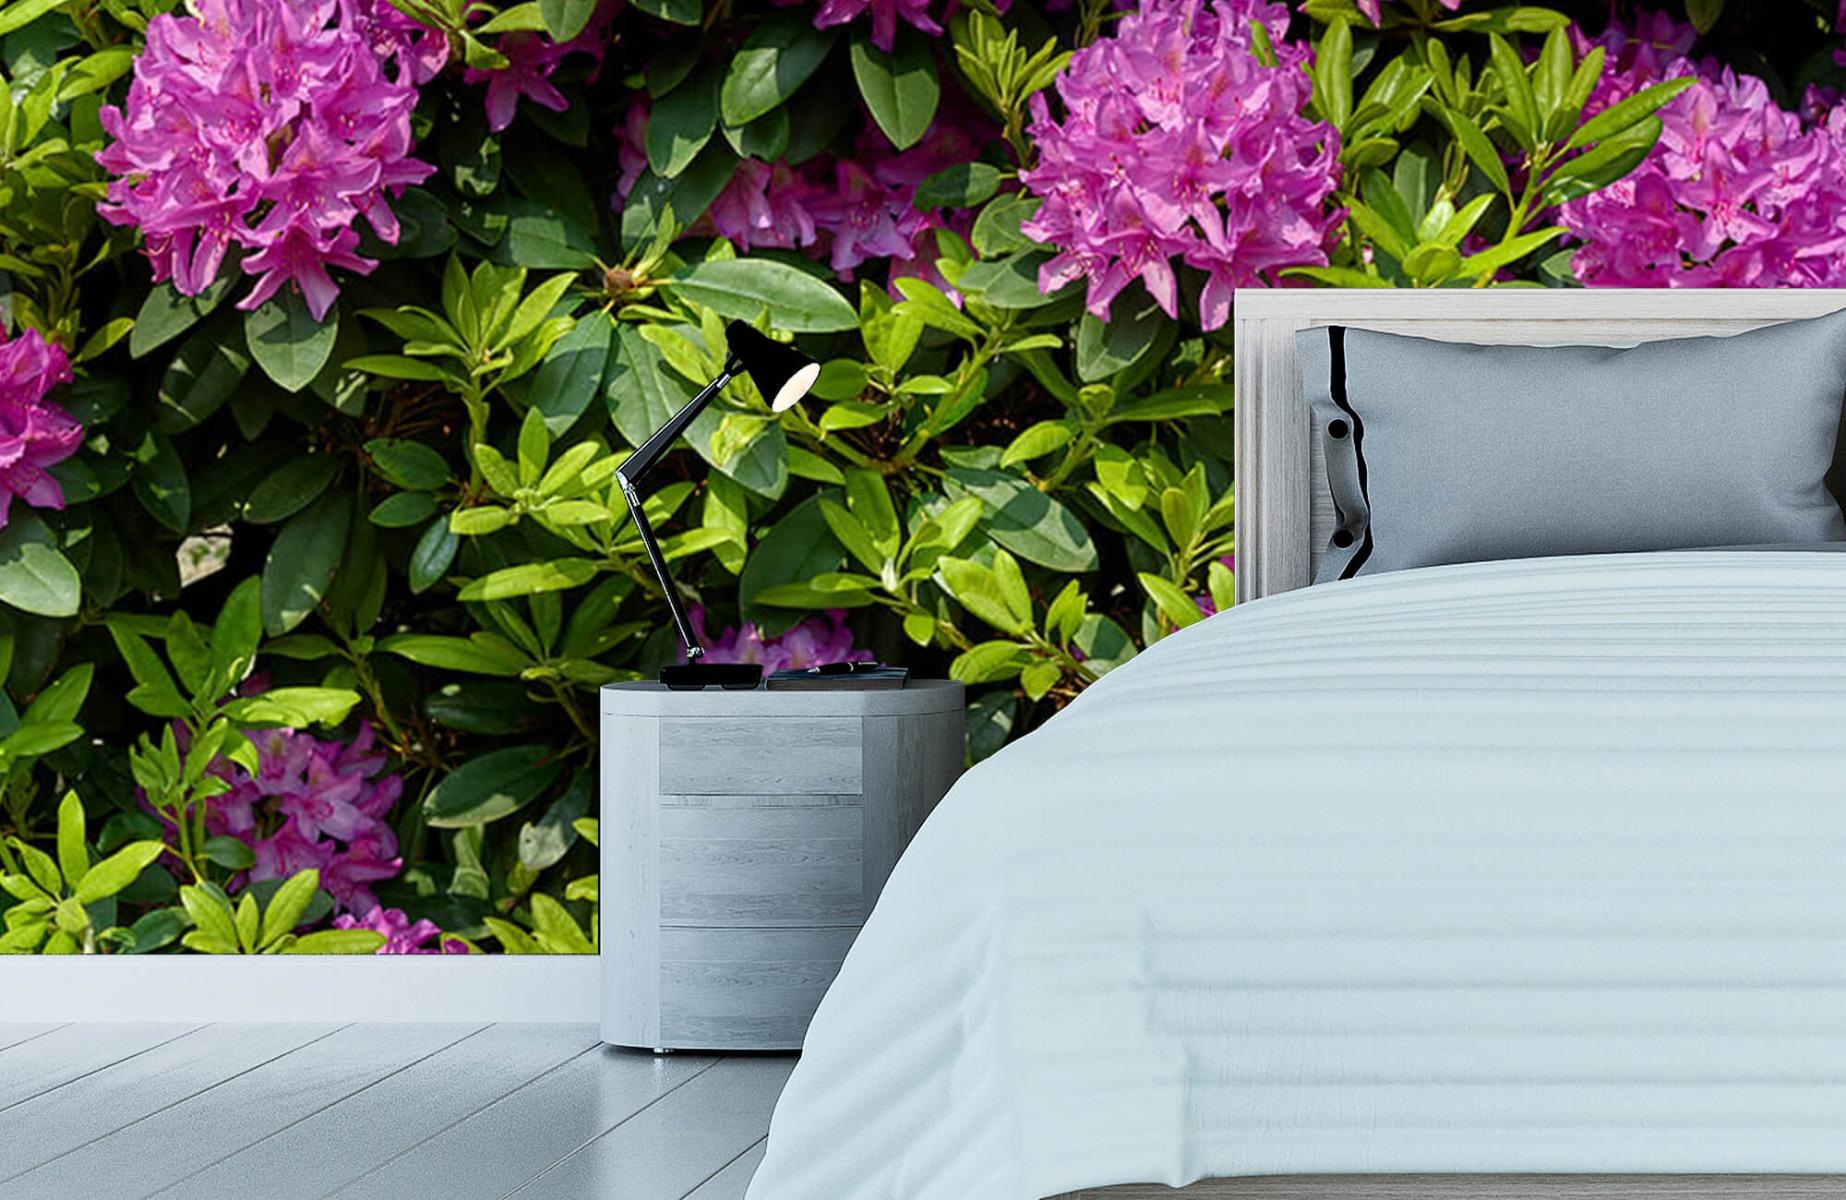 Bloemenvelden - Rododendrons - Wallexclusive - Slaapkamer 13